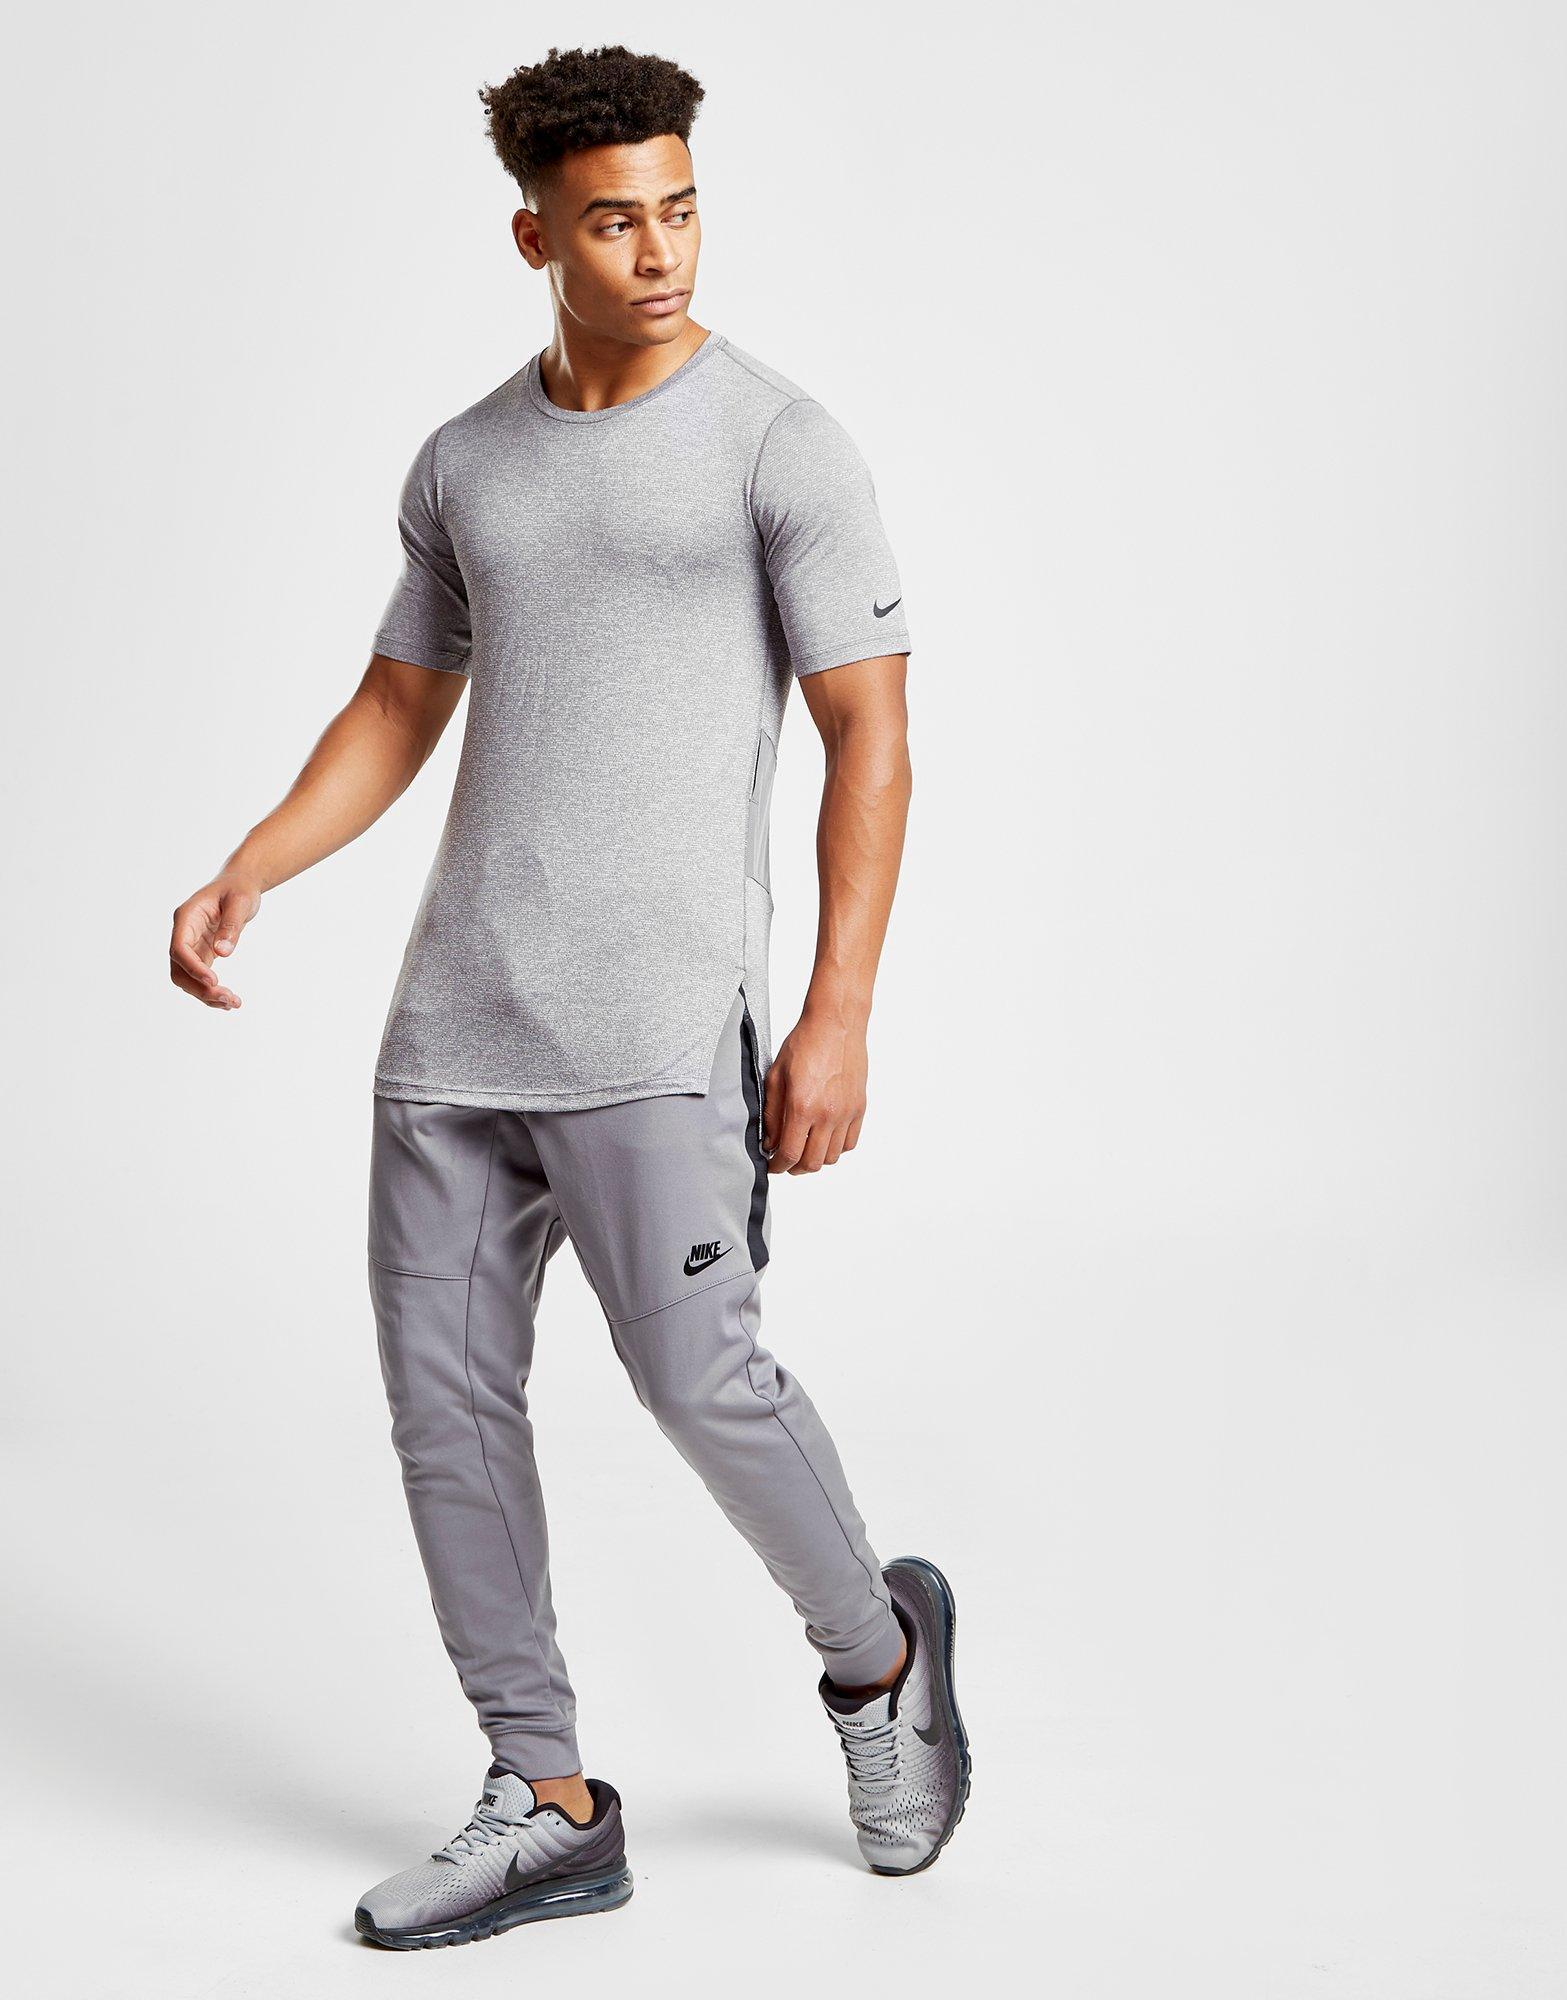 a687186f20 Nike Gray Utility Ss T Gun Smk for men